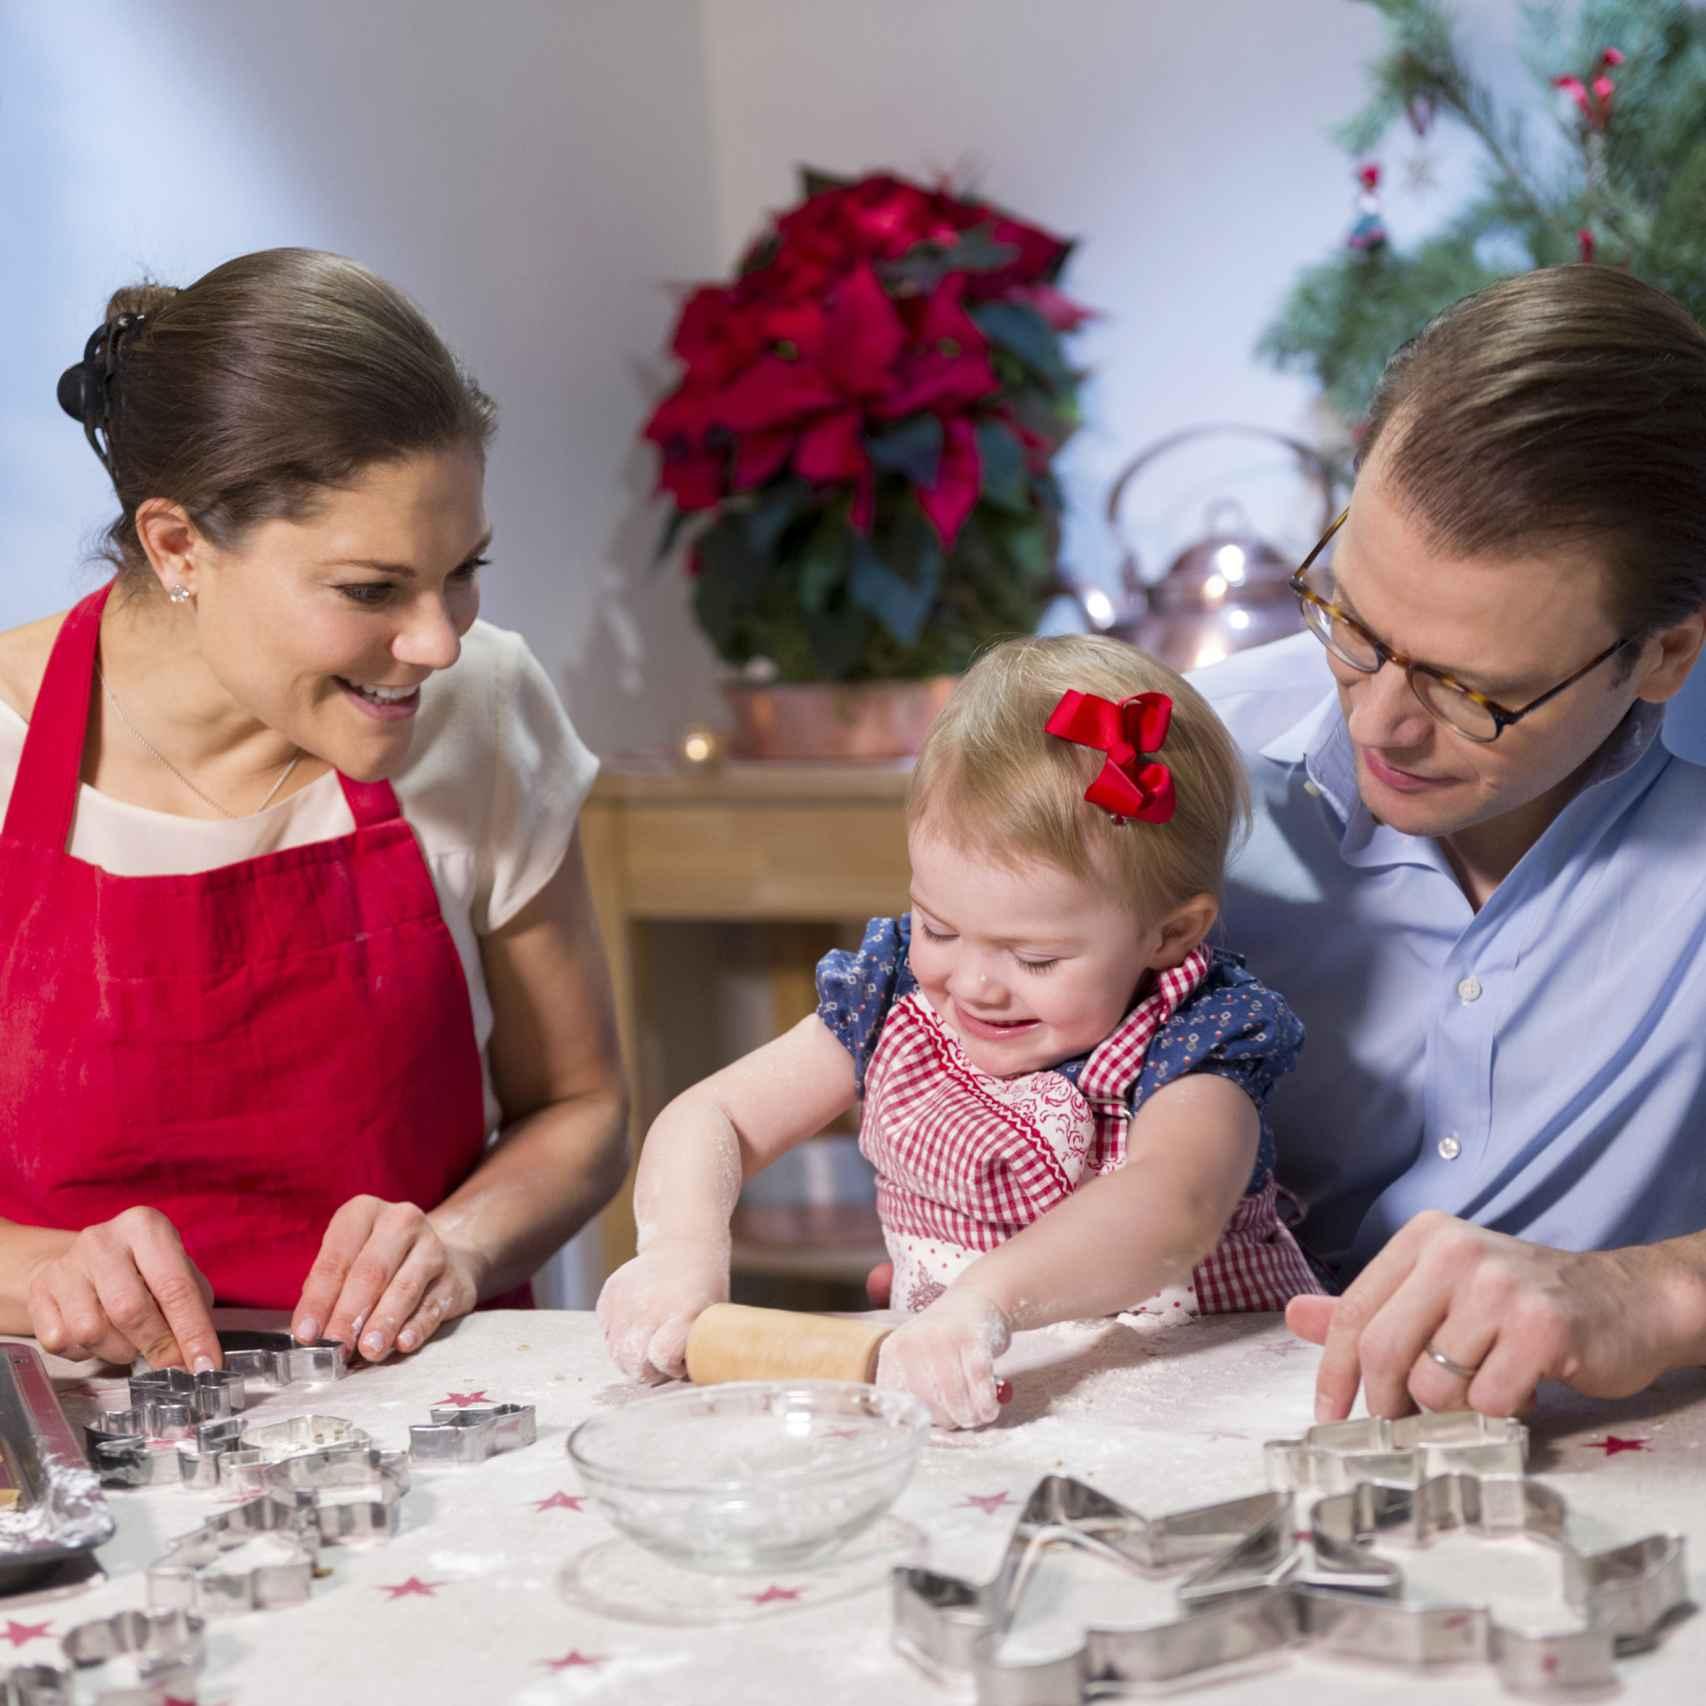 El matrimonio con Estelle, la hija mayor, haciendo galletas durante unas navidades.